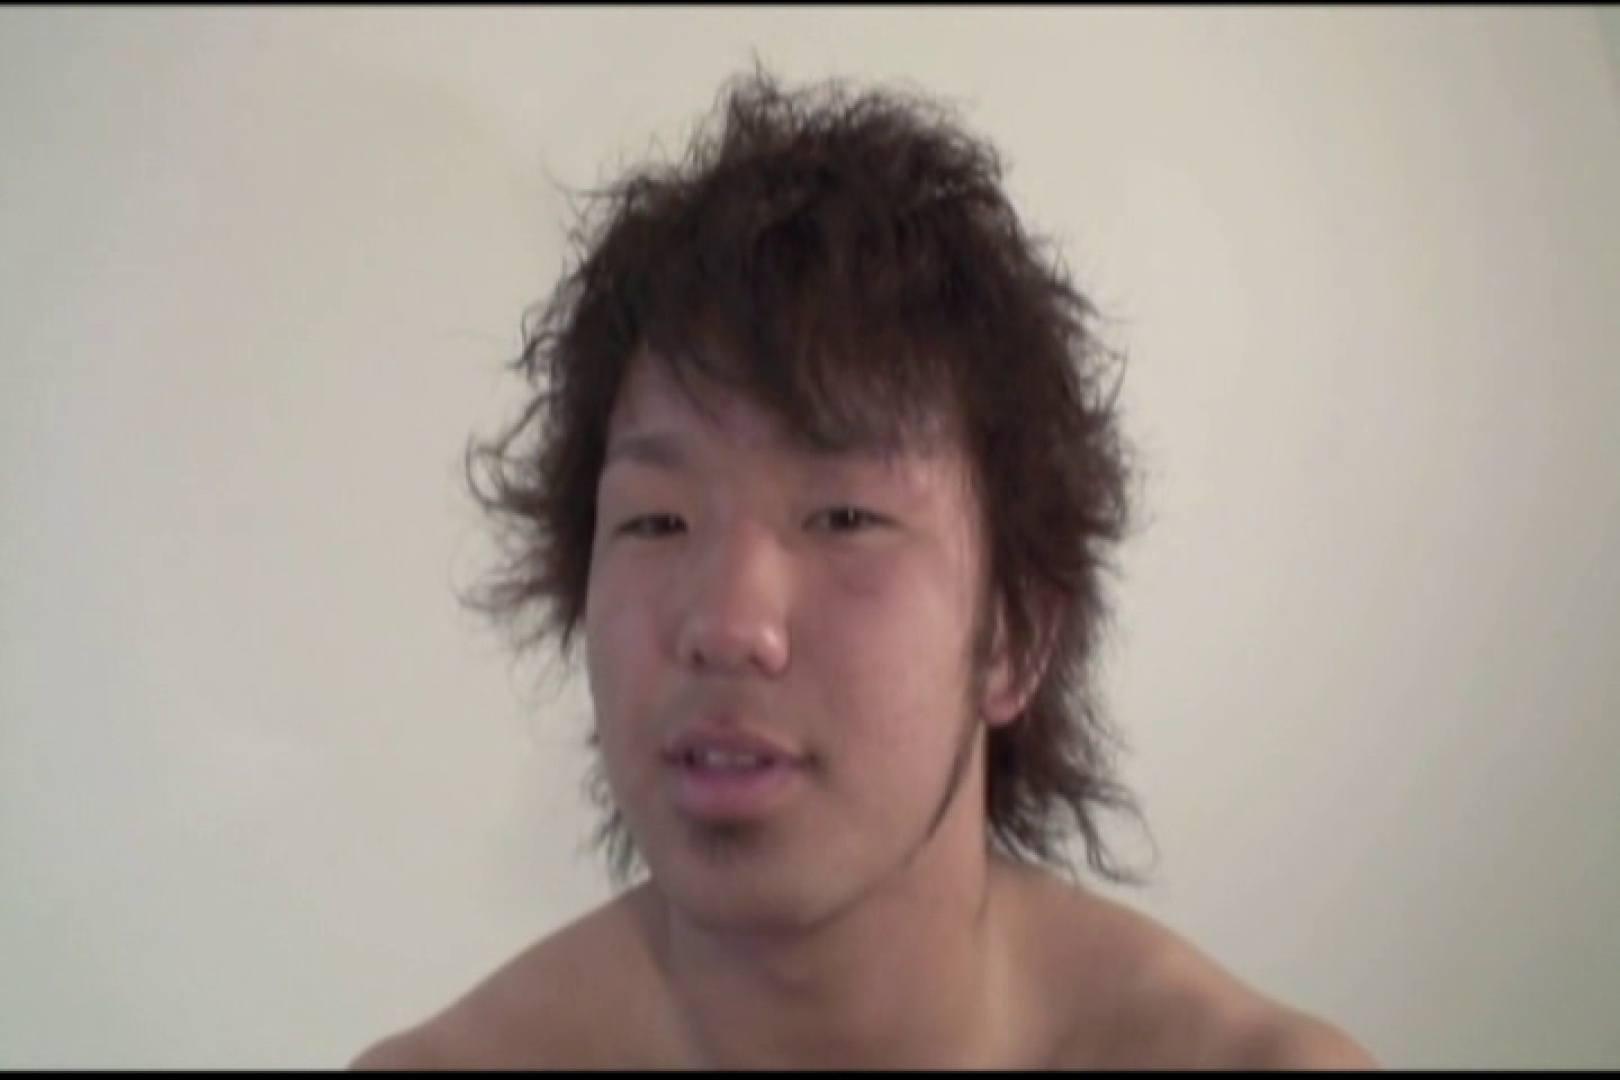 アヘ顔が最高!アナル中毒VOL.04 フェラ男子 | 手コキ  60連発 1